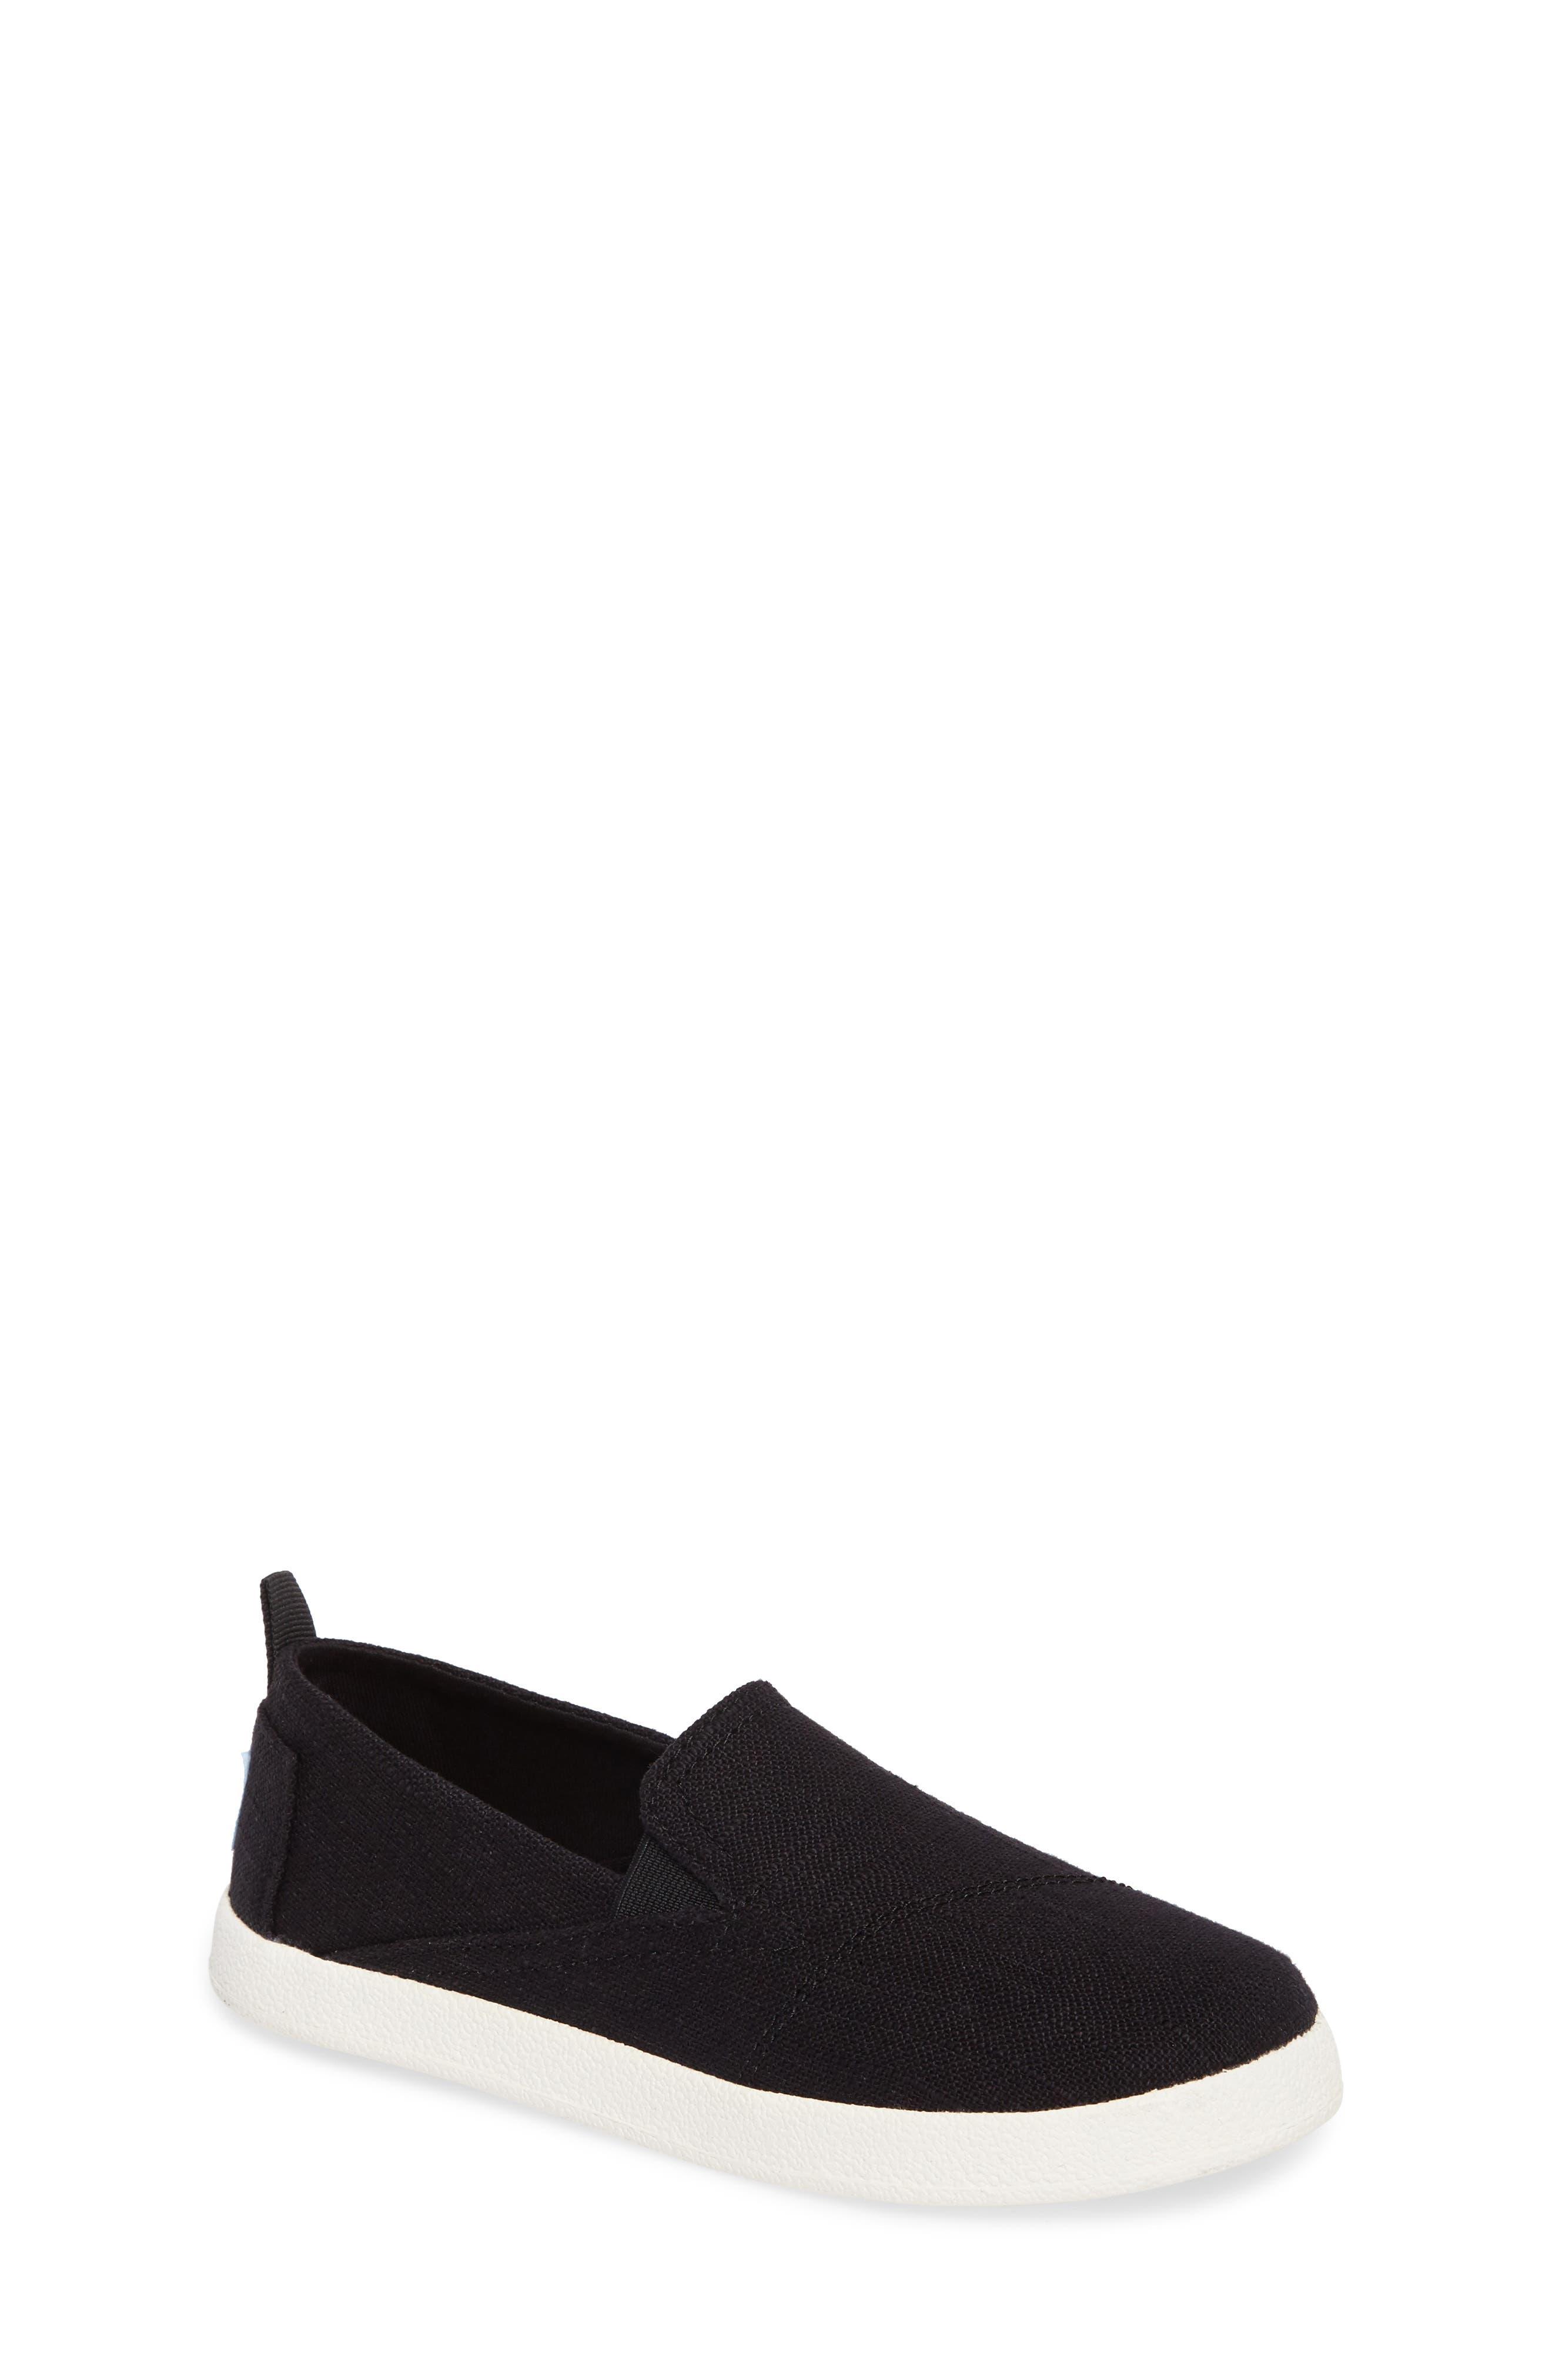 Avalon Slip-On,                         Main,                         color, Black Washed Linen